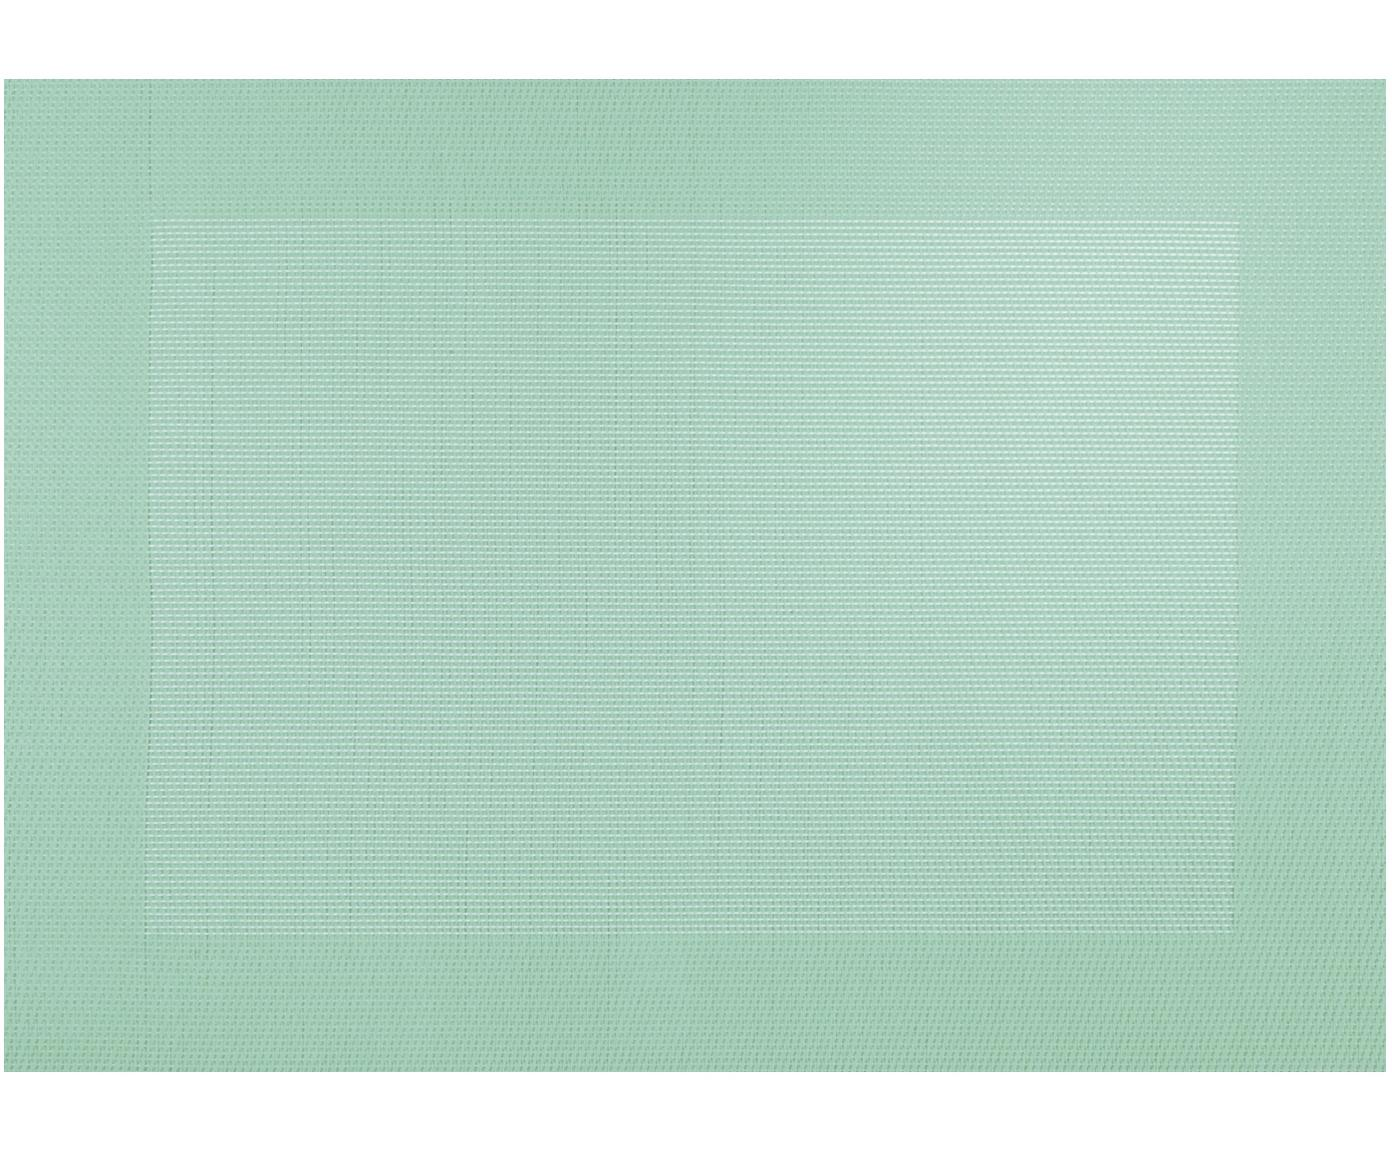 Kunststoffen placemats Trefl, 2 stuks, Kunststof (PVC) van kunstleer, Mintgroen, 33 x 46 cm